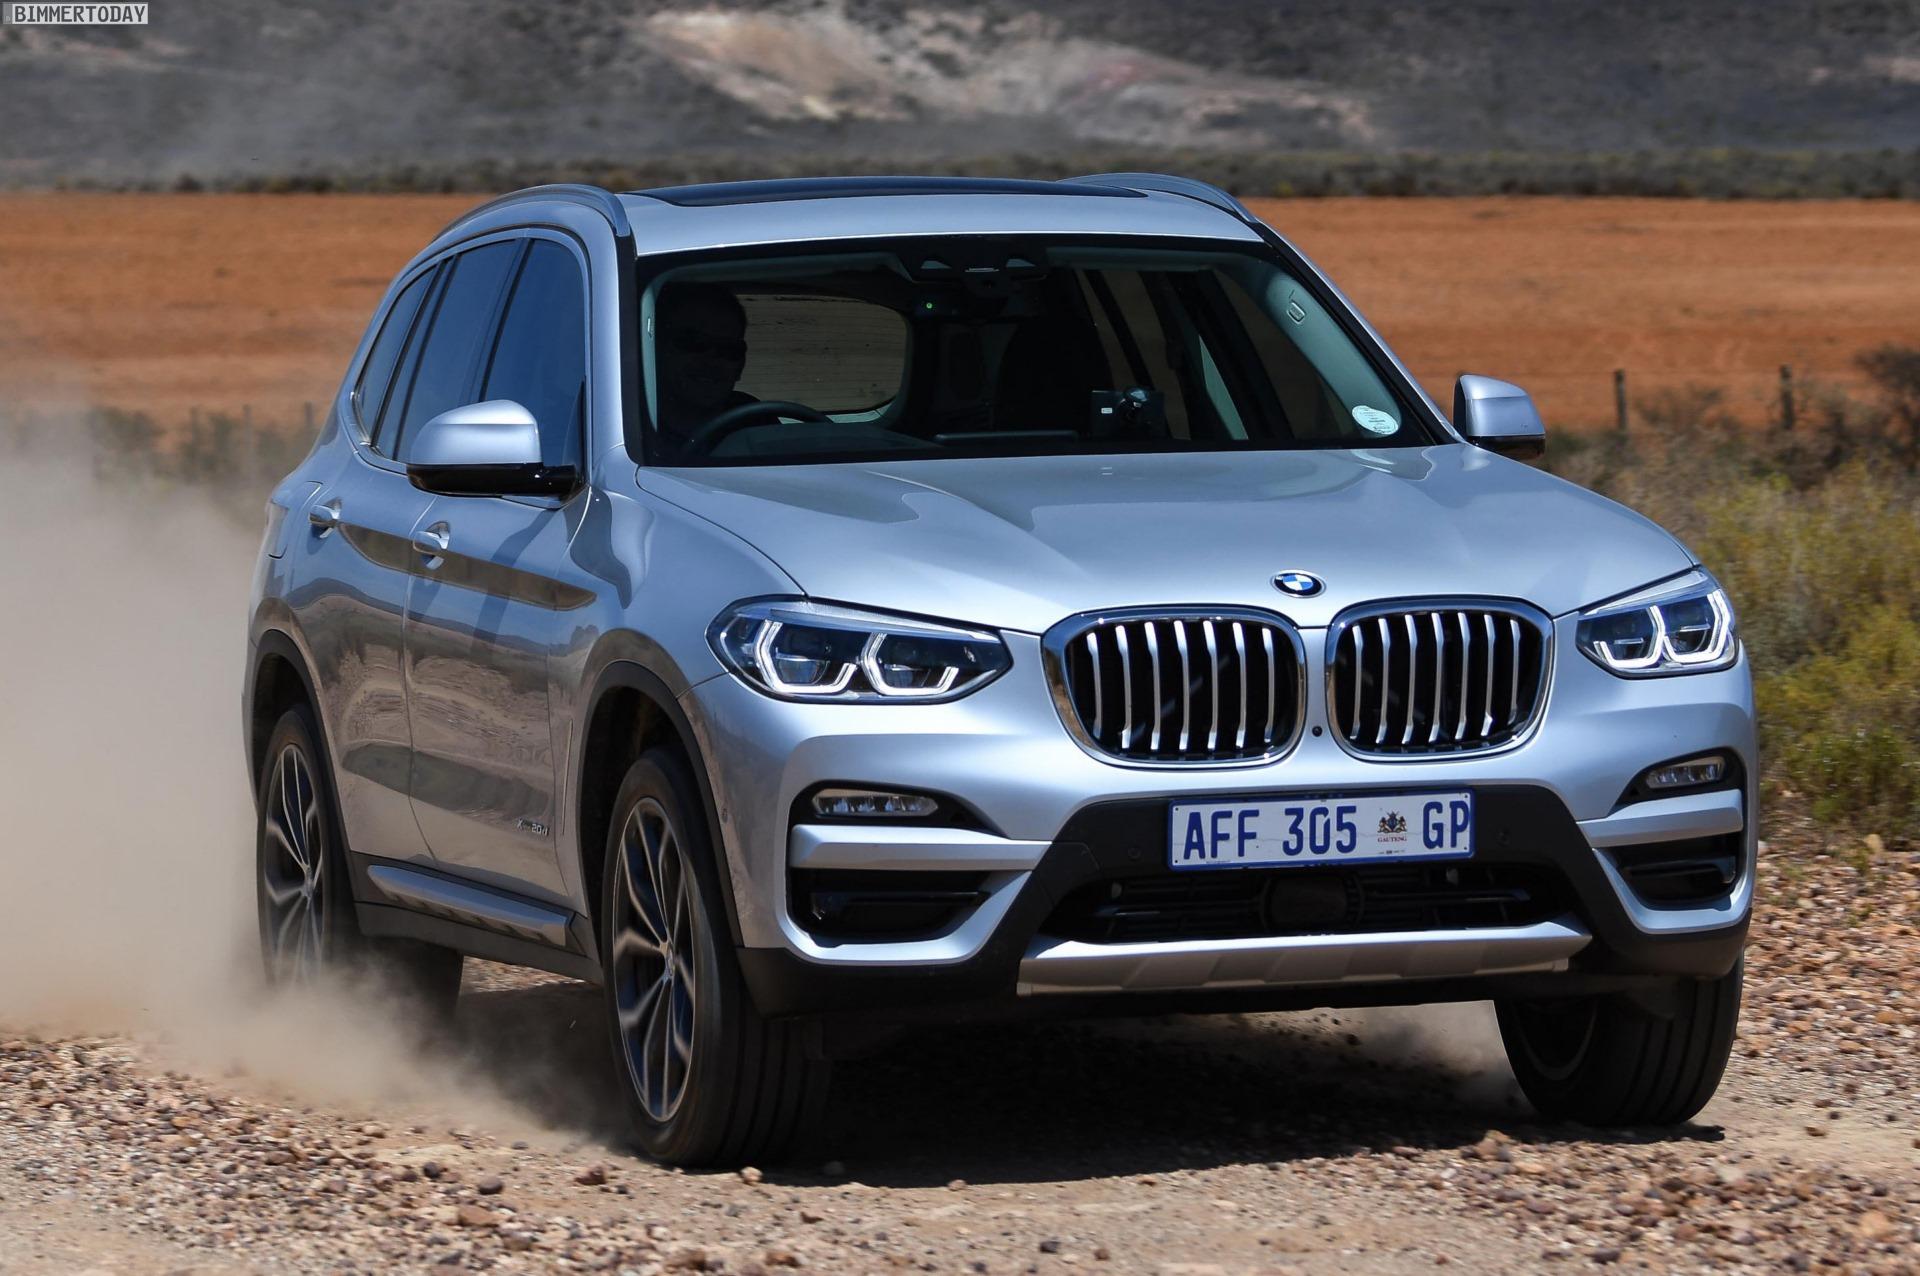 BMW X3 G01 Neue Fotos Zeigen XDrive20d XLine In Glaciersilber